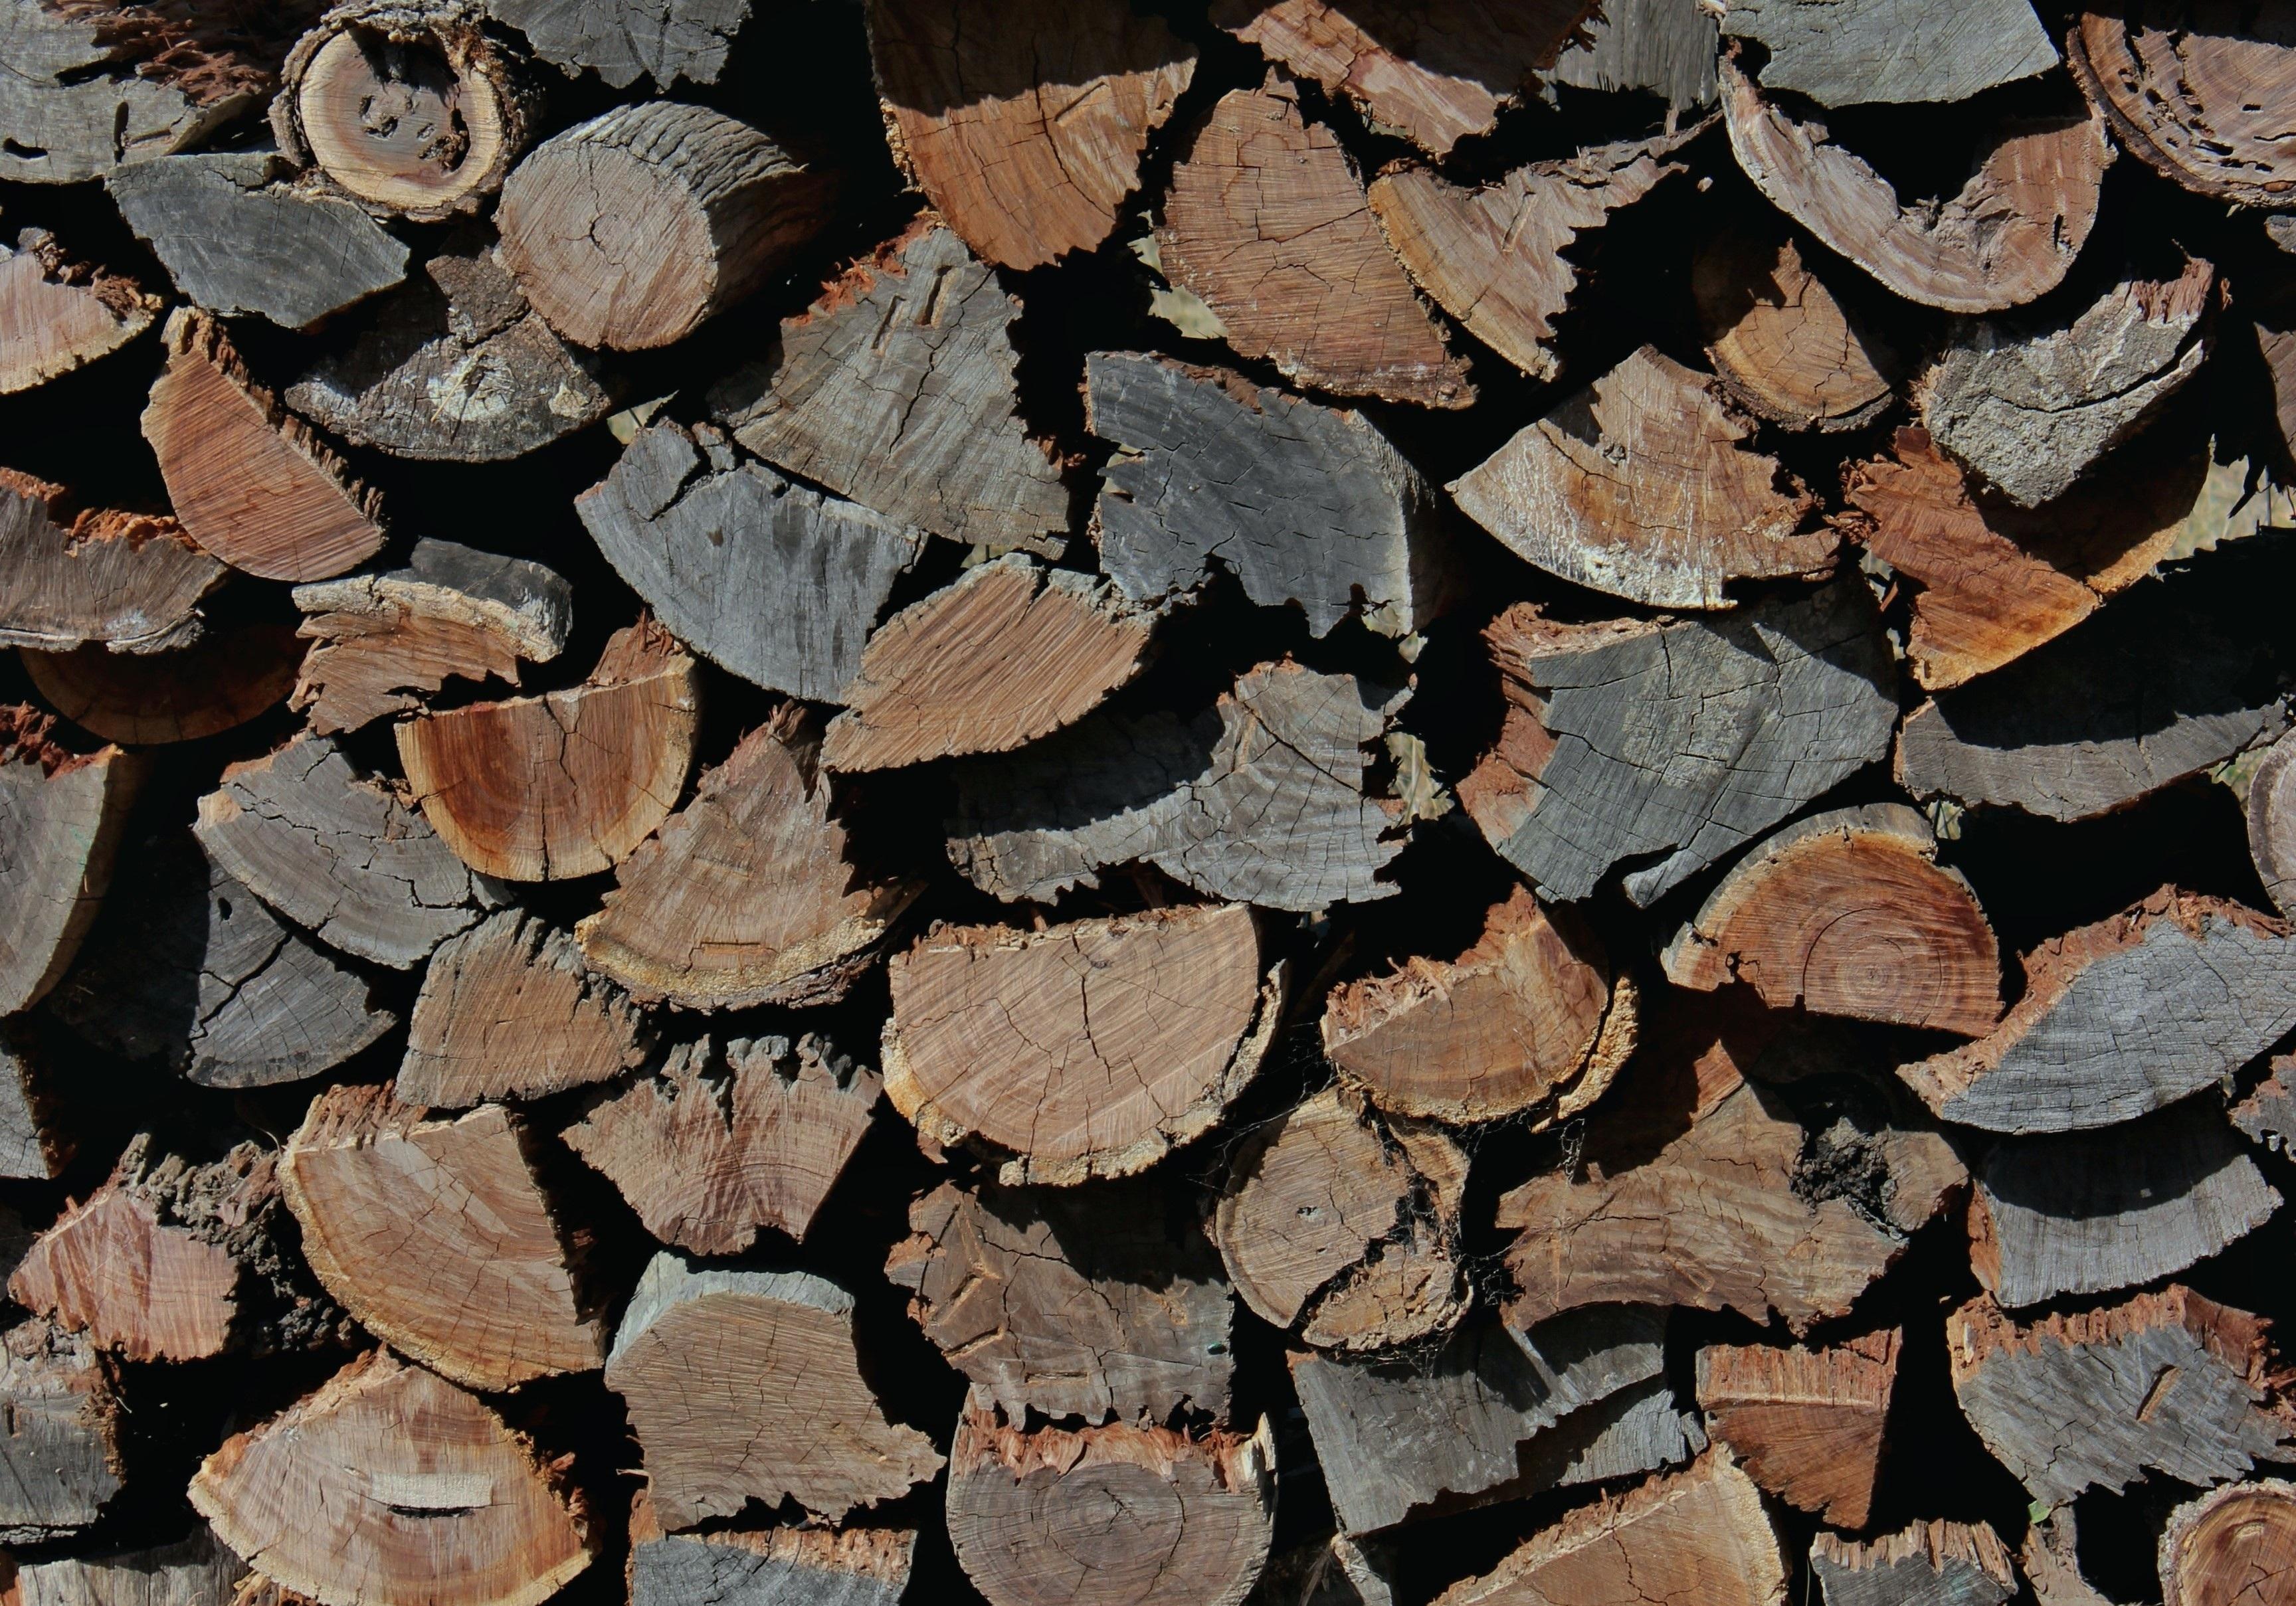 Images gratuites arbre branche texture feuille tronc mur hach pile b che mod le l - Arbre fruitier comme bois de chauffage ...